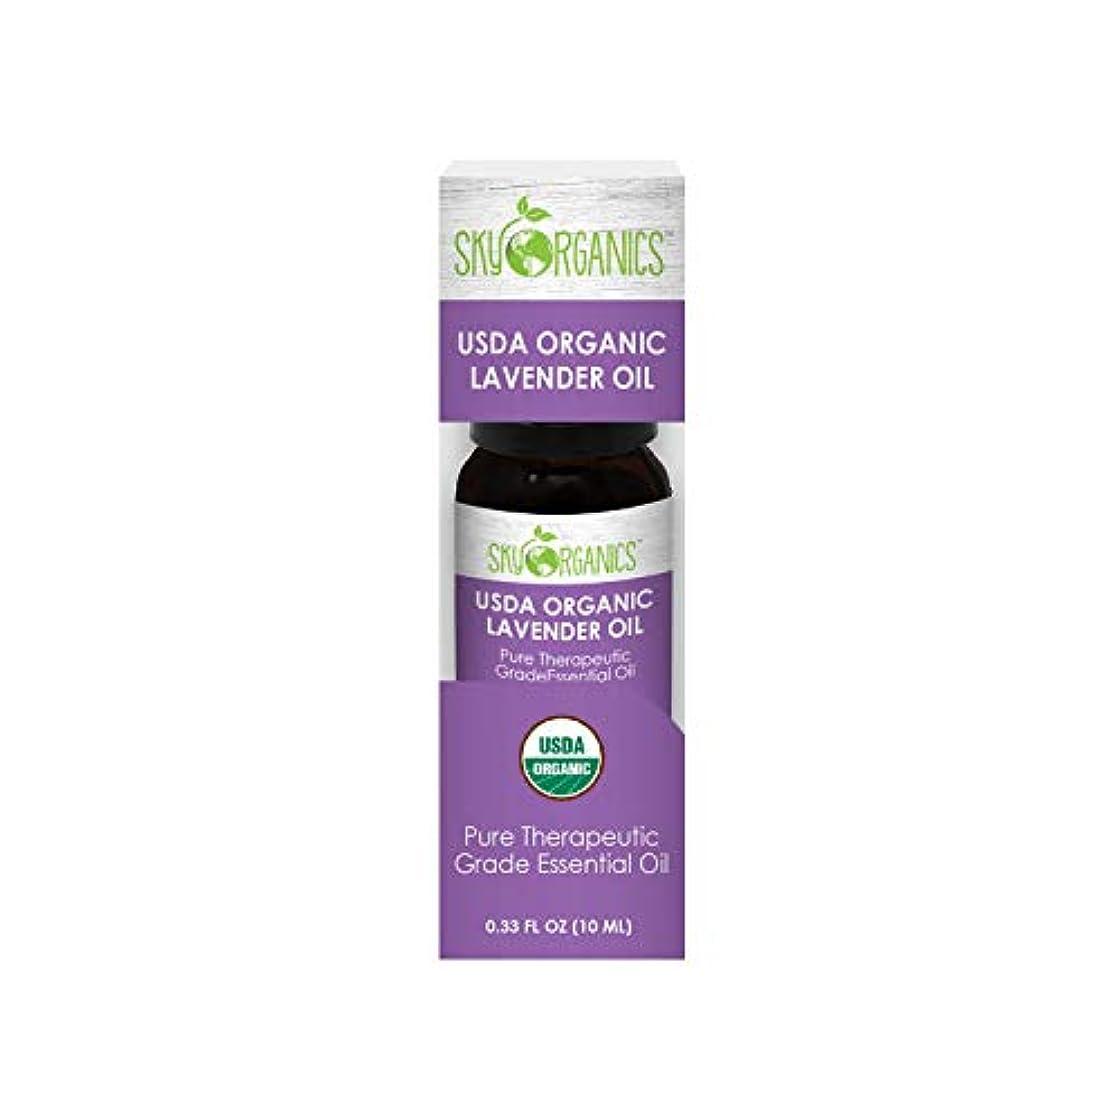 レーダー何もないメンター認定エッセンシャルオイル Lavender Oil Sky Organics USDAオーガニックラベンダーオイル-10 ml-ピュアセラピューティックグレードのエッセンシャルオイル-ディフューザー、アロマセラピー、マッサージオイル、DIY